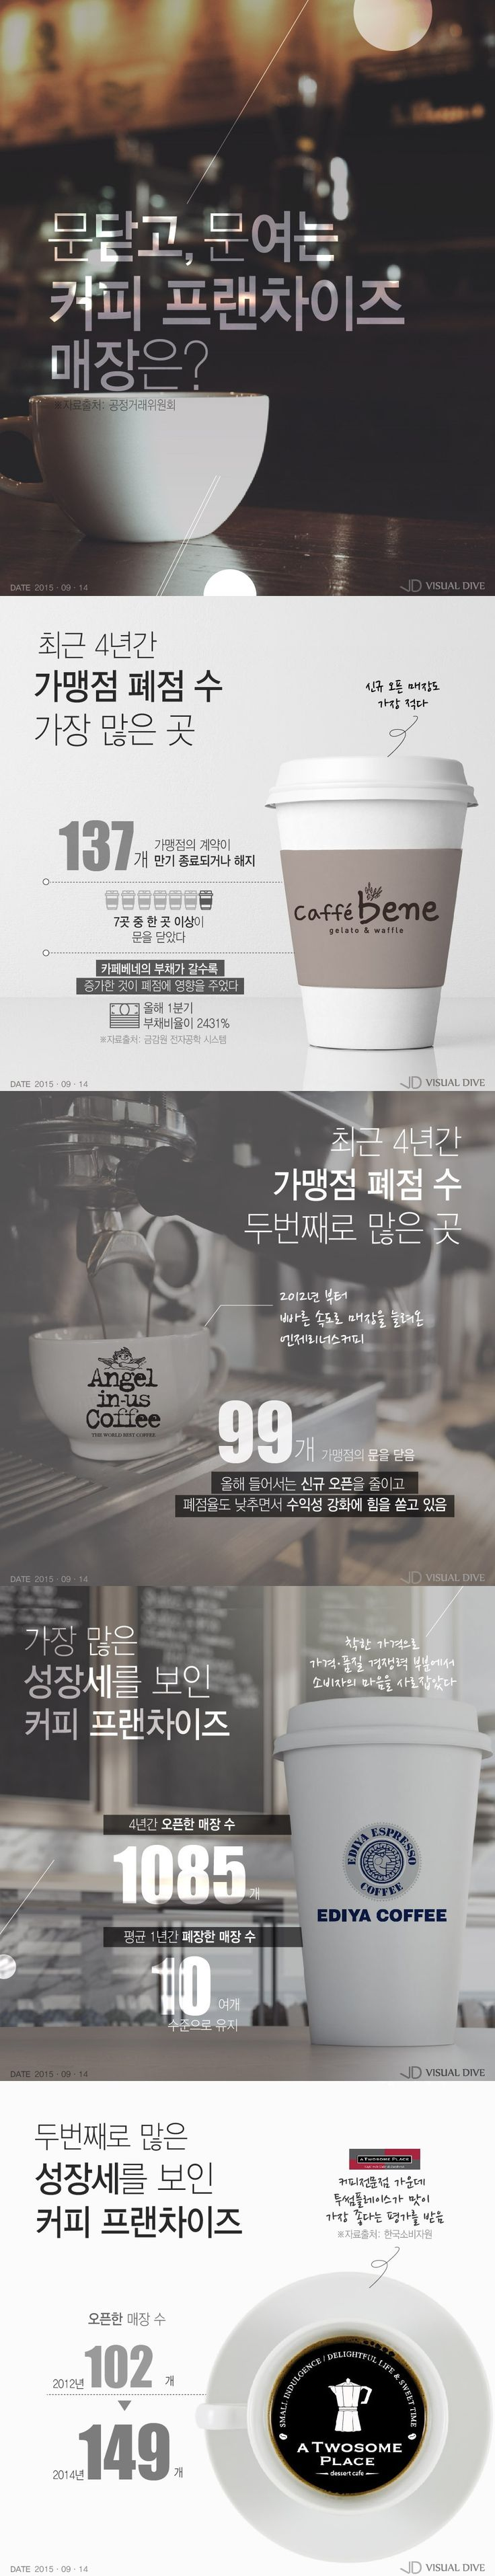 Раздел про сервис кофе машин может выглядеть например как-то так. Большинство ваших фотографий имею достаточные не контрастные поля, чтобы заполнить их текстом акцентируя детали относящиеся к объекту фото.